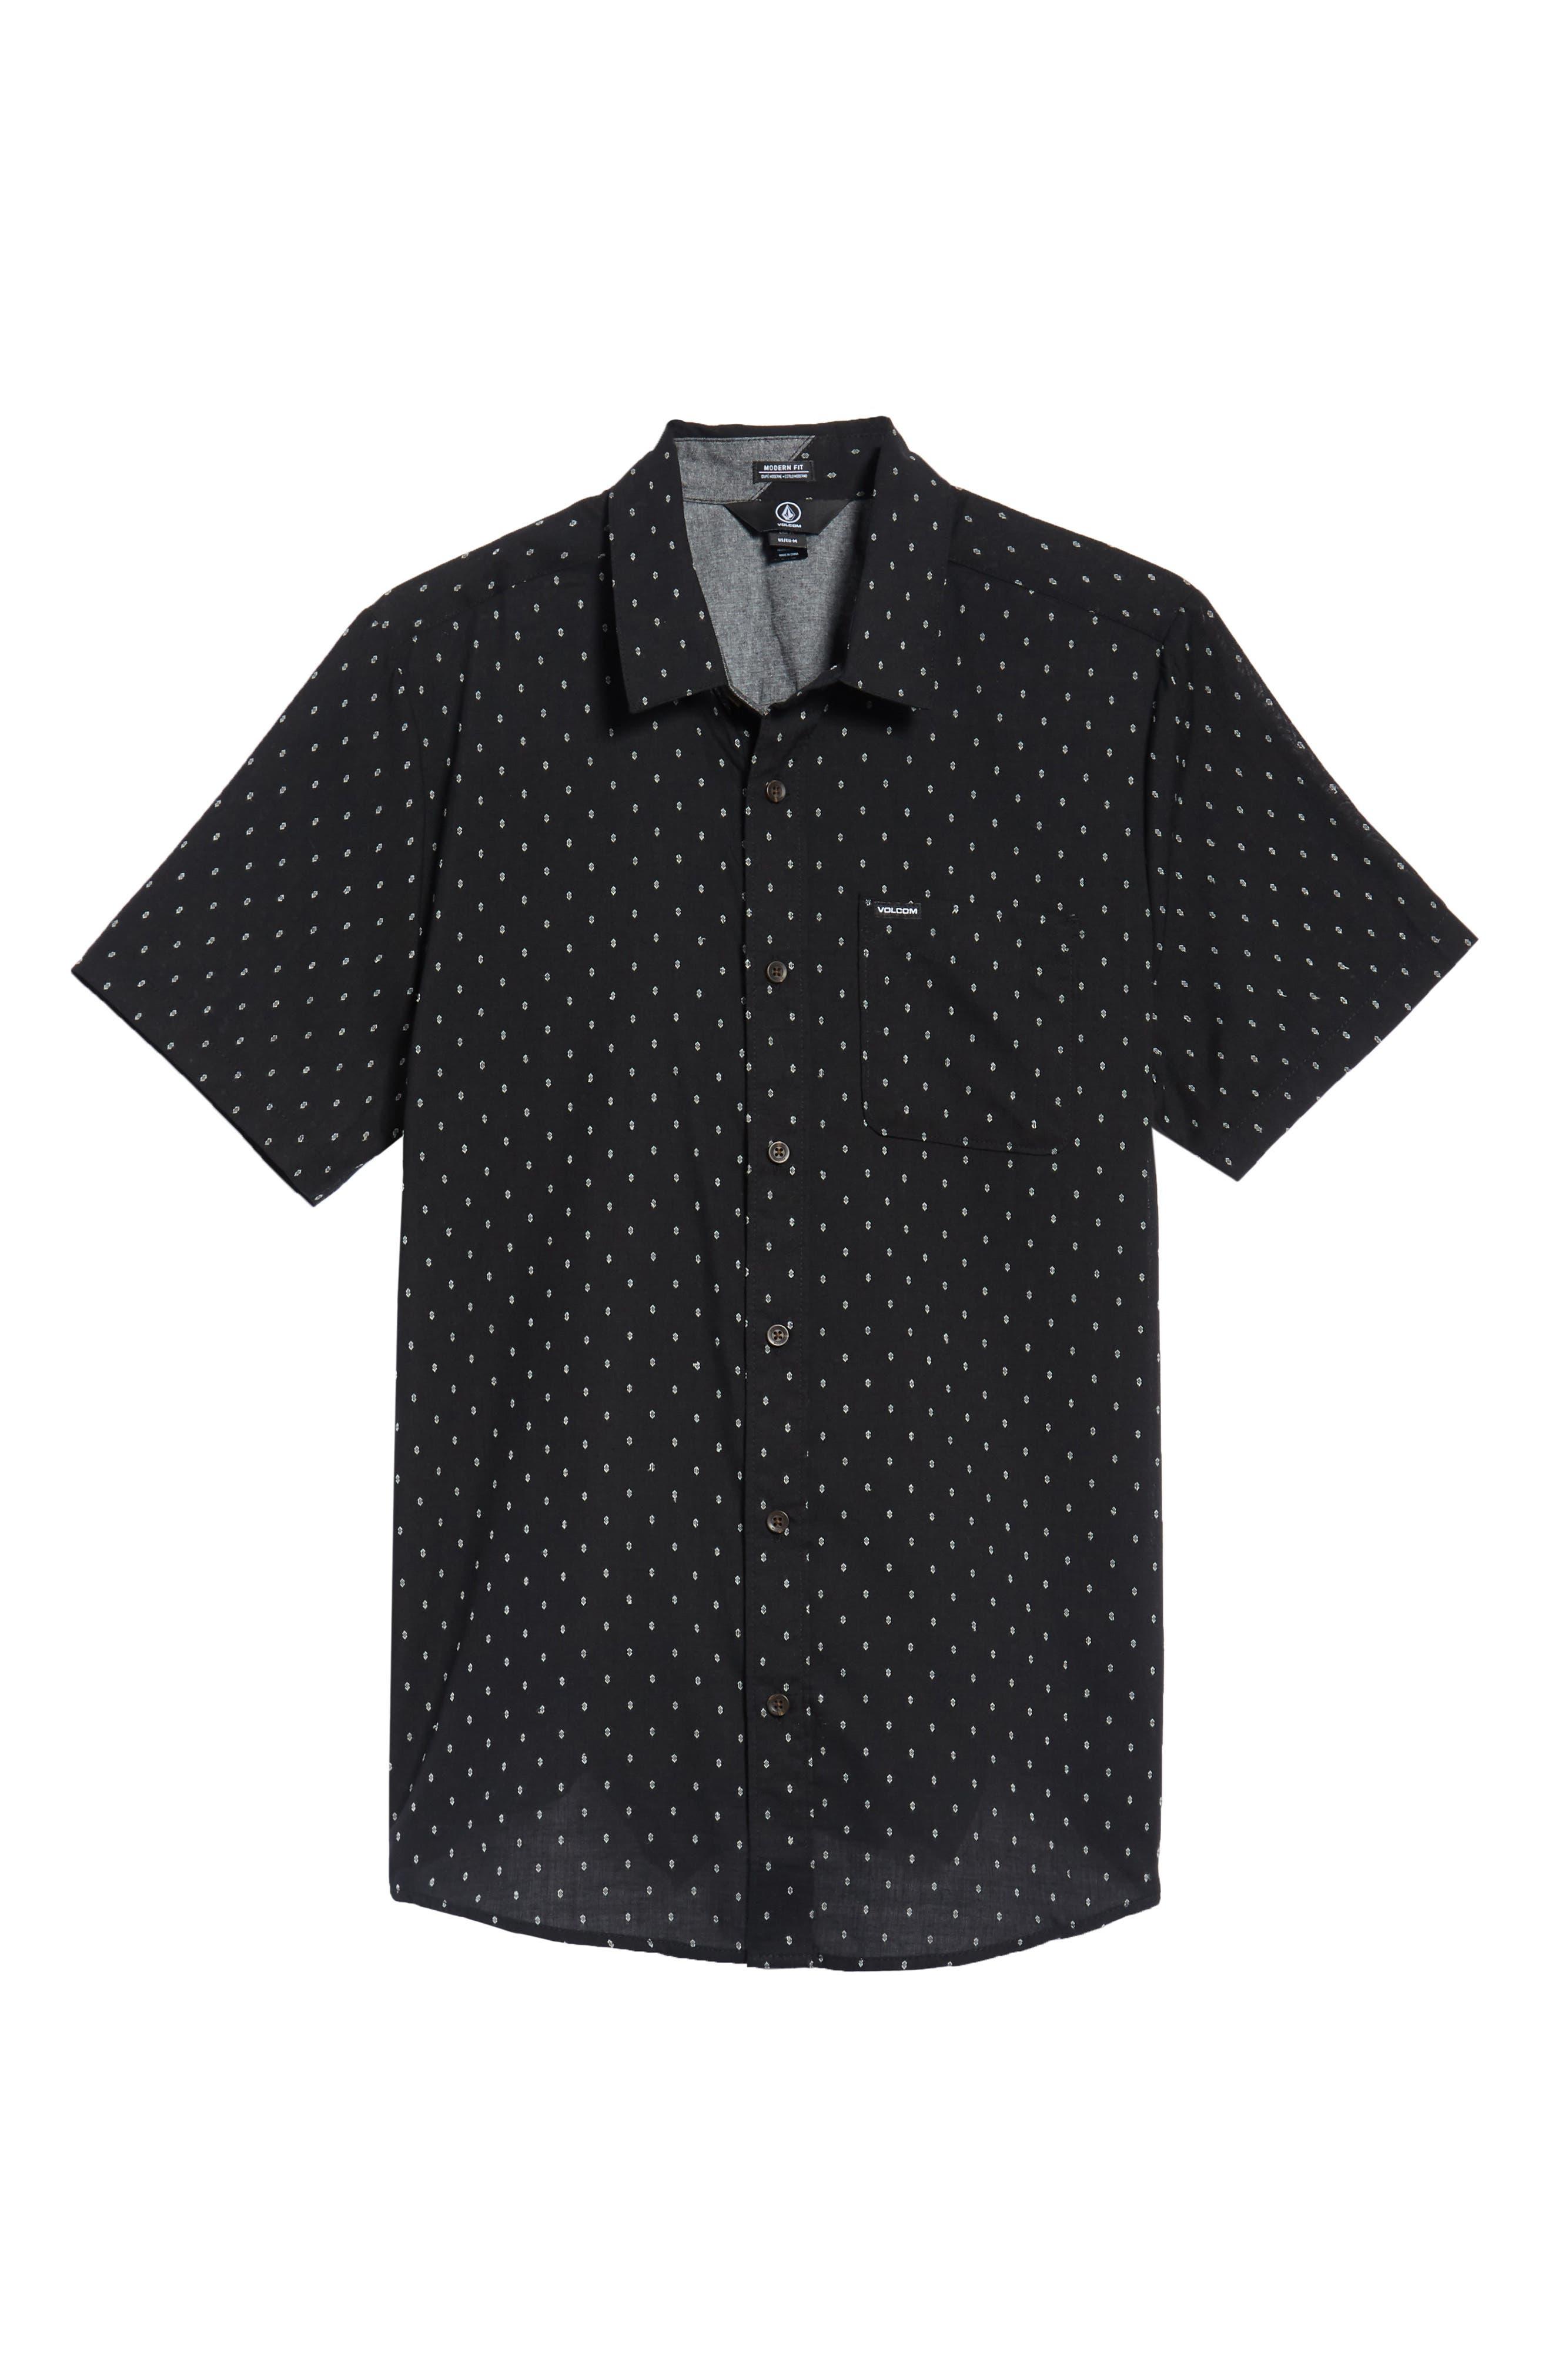 Dobler Woven Shirt,                             Alternate thumbnail 6, color,                             001